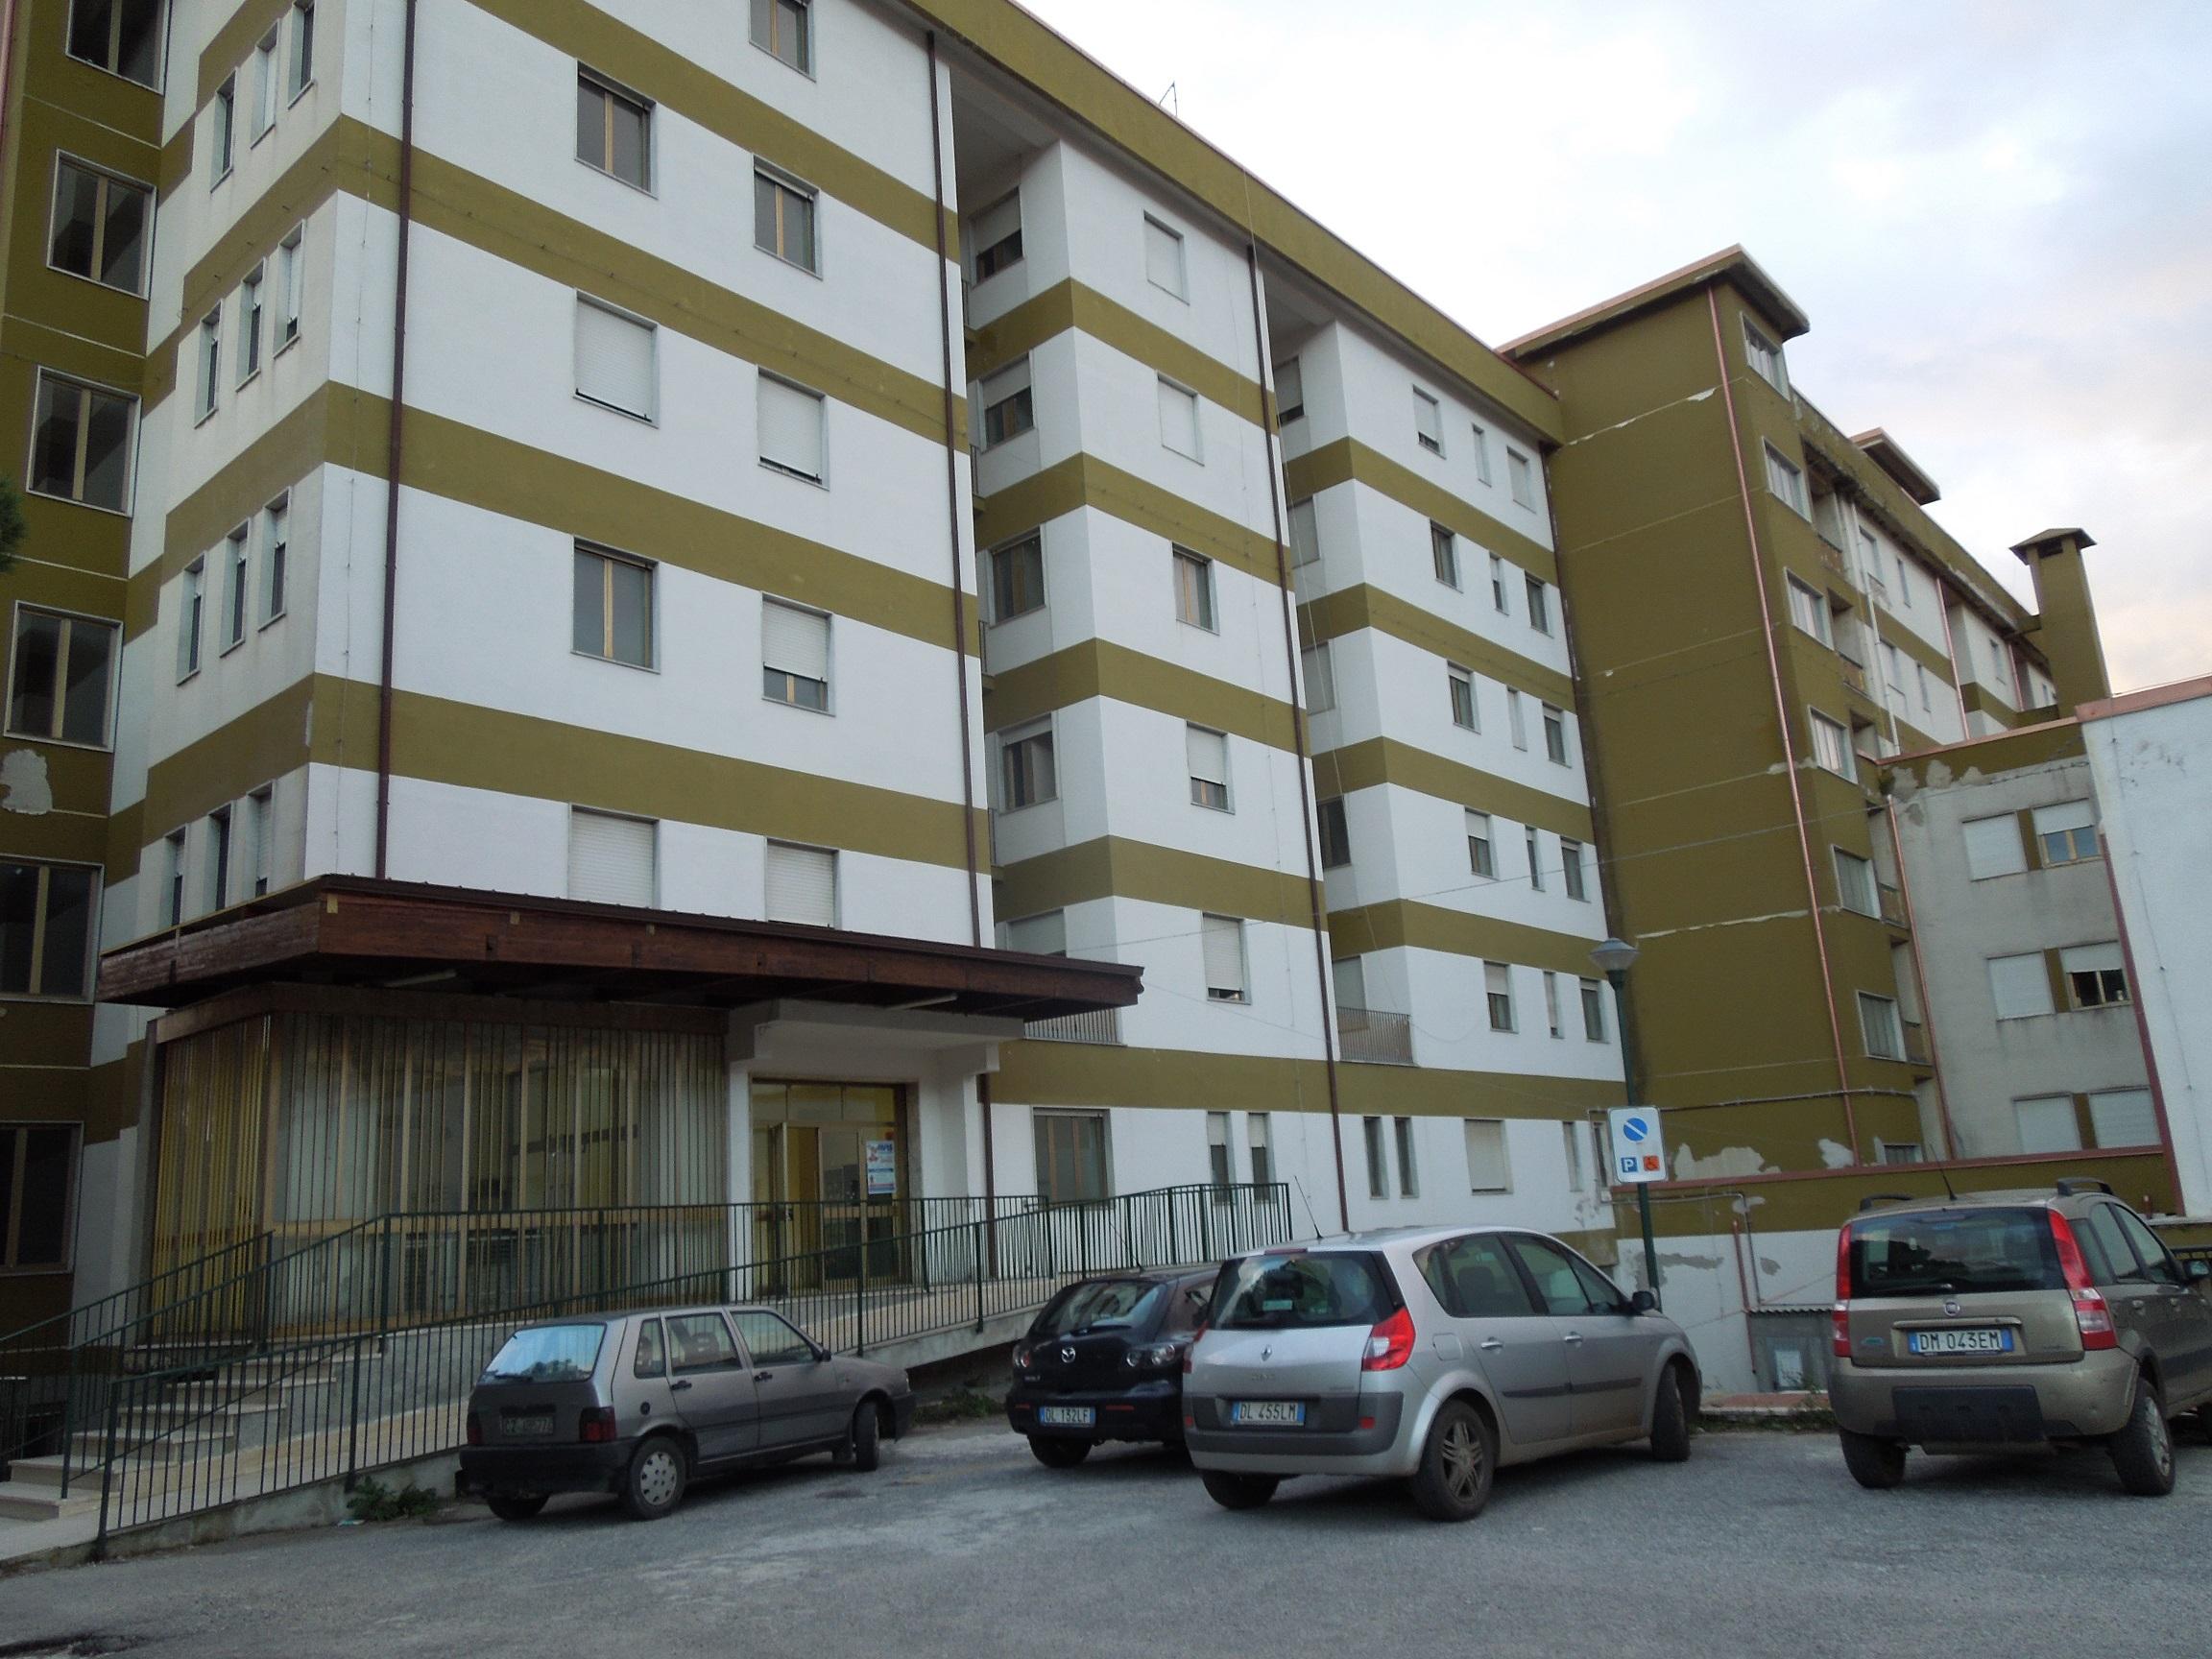 Rapina un medico mentre visita in ospedalePaura nel Vibonese, ricercato il malvivente